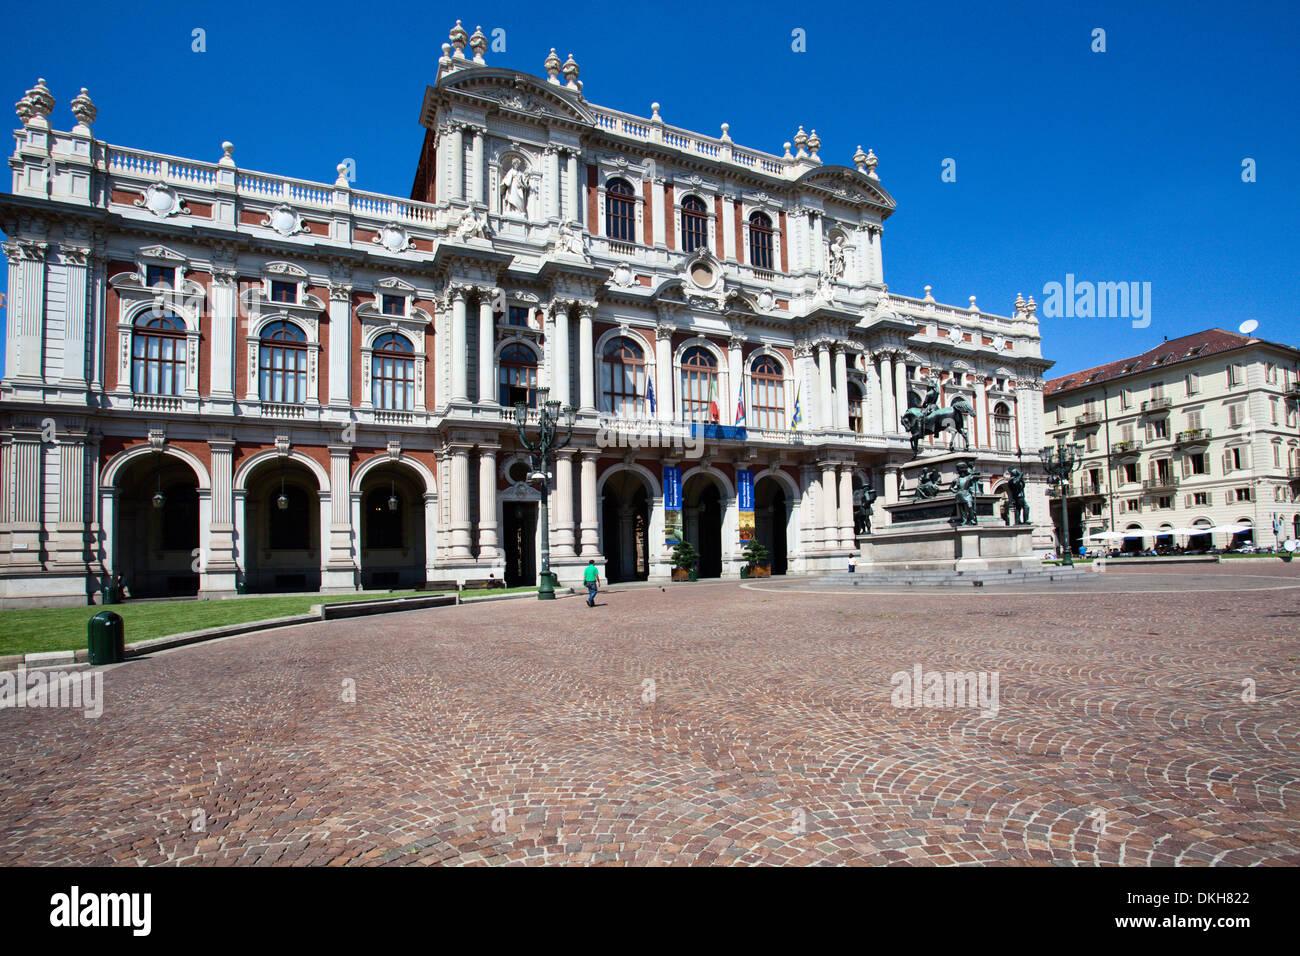 Museo Nazionale Del Risorgimento Italiano.Museo Nazionale Del Risorgimento Italiano A Palazzo Carignano Di